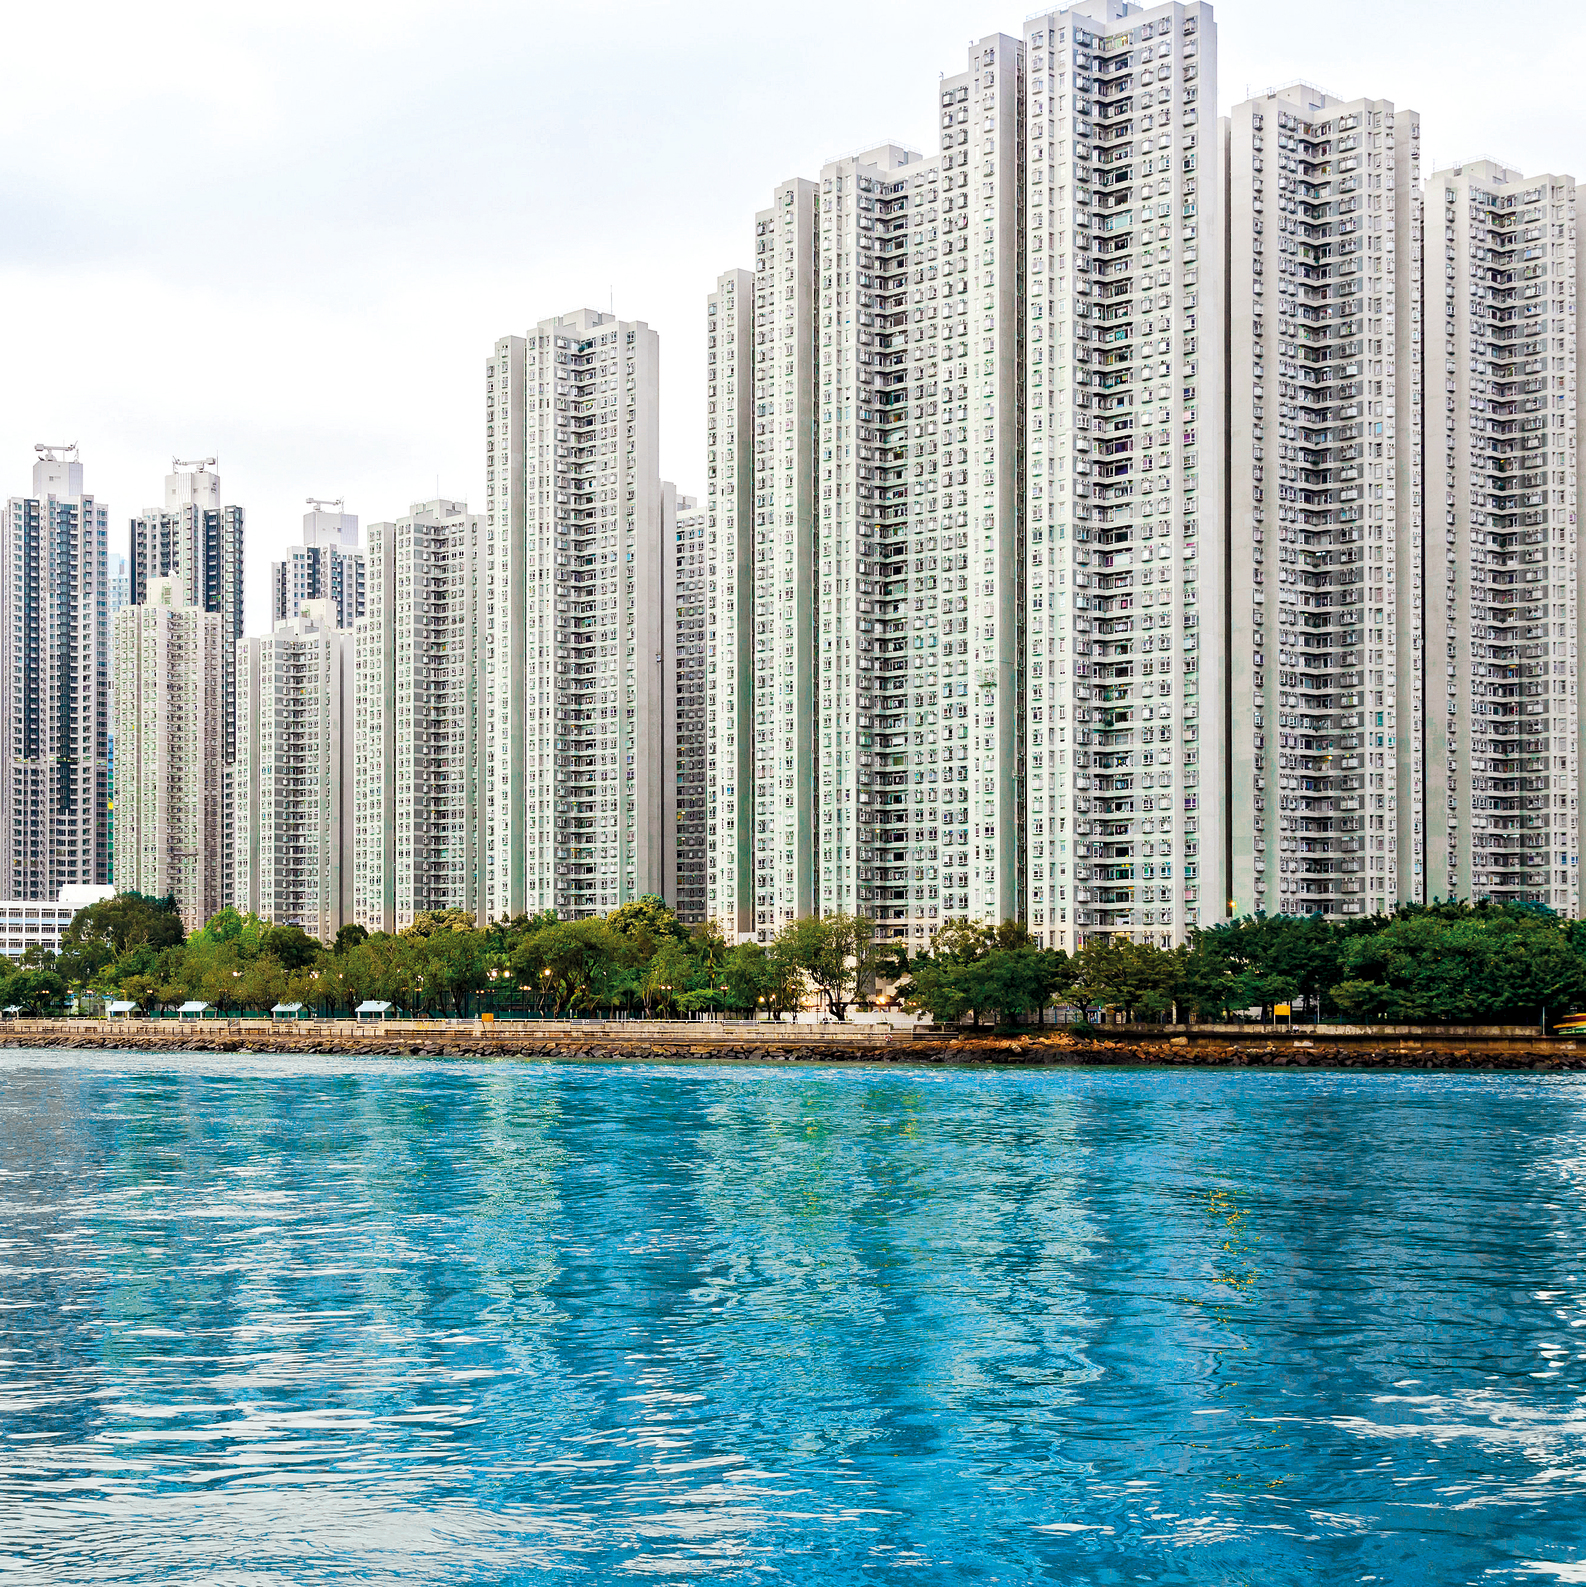 דיור ציבורי בהונג קונג. המפותח בעולם (צילום: שאטרסטוק) ()